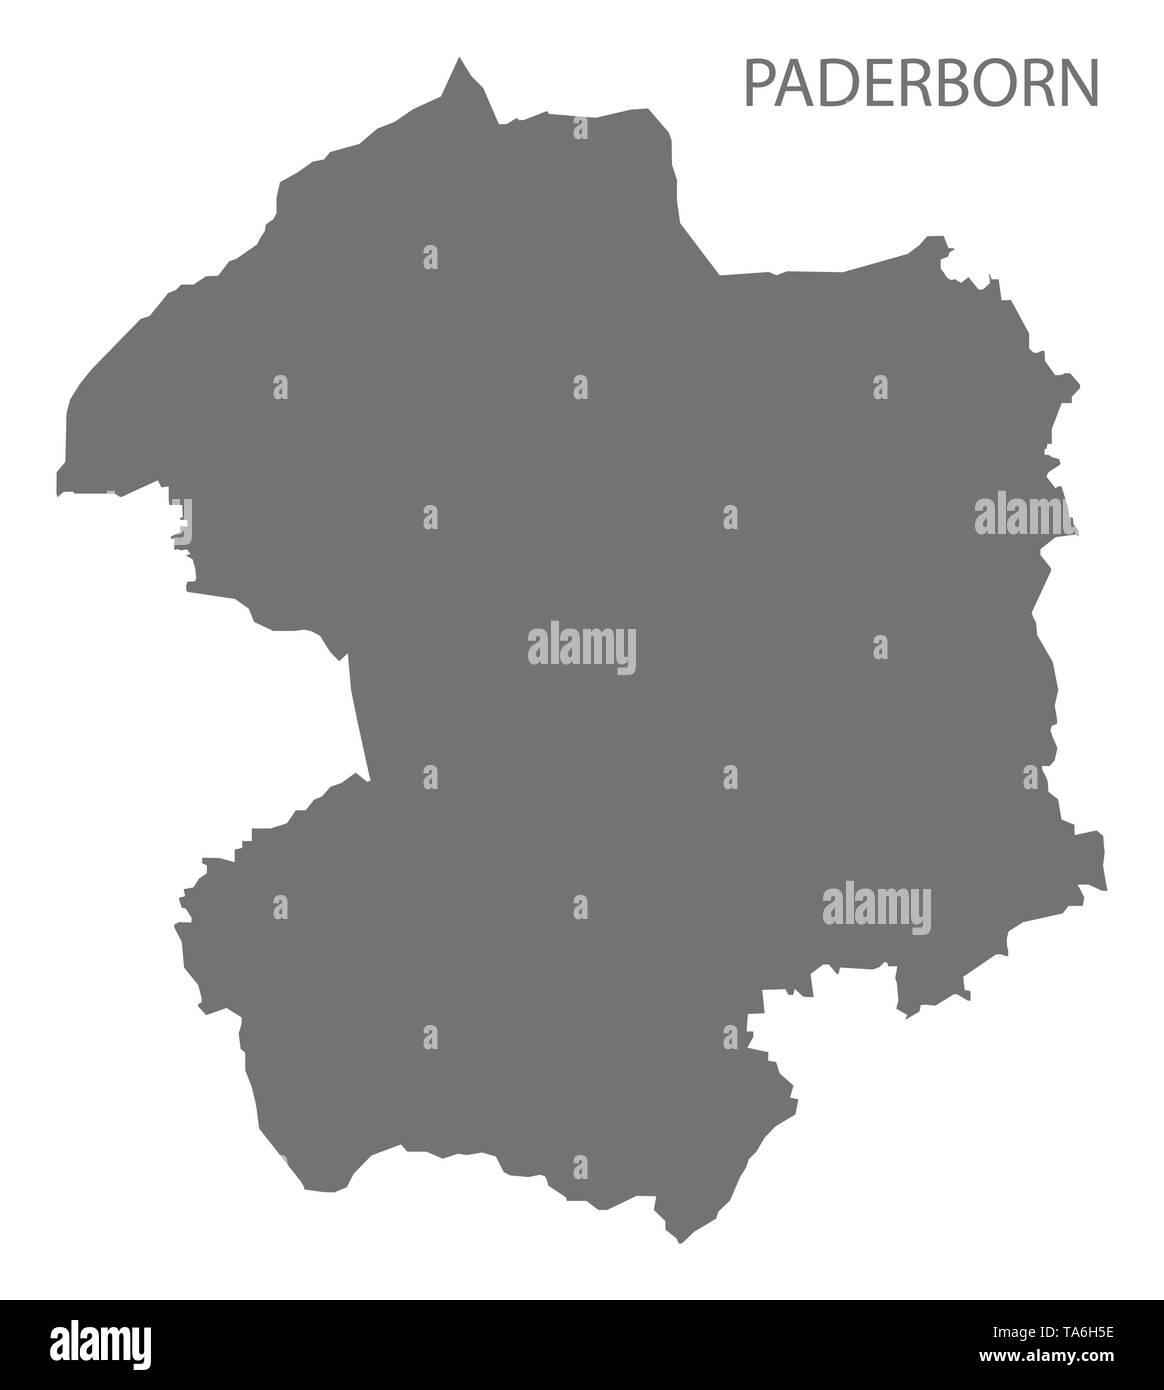 Karte Paderborn.Paderborn Gray County Karte Von Nordrhein Westfalen De Vektor